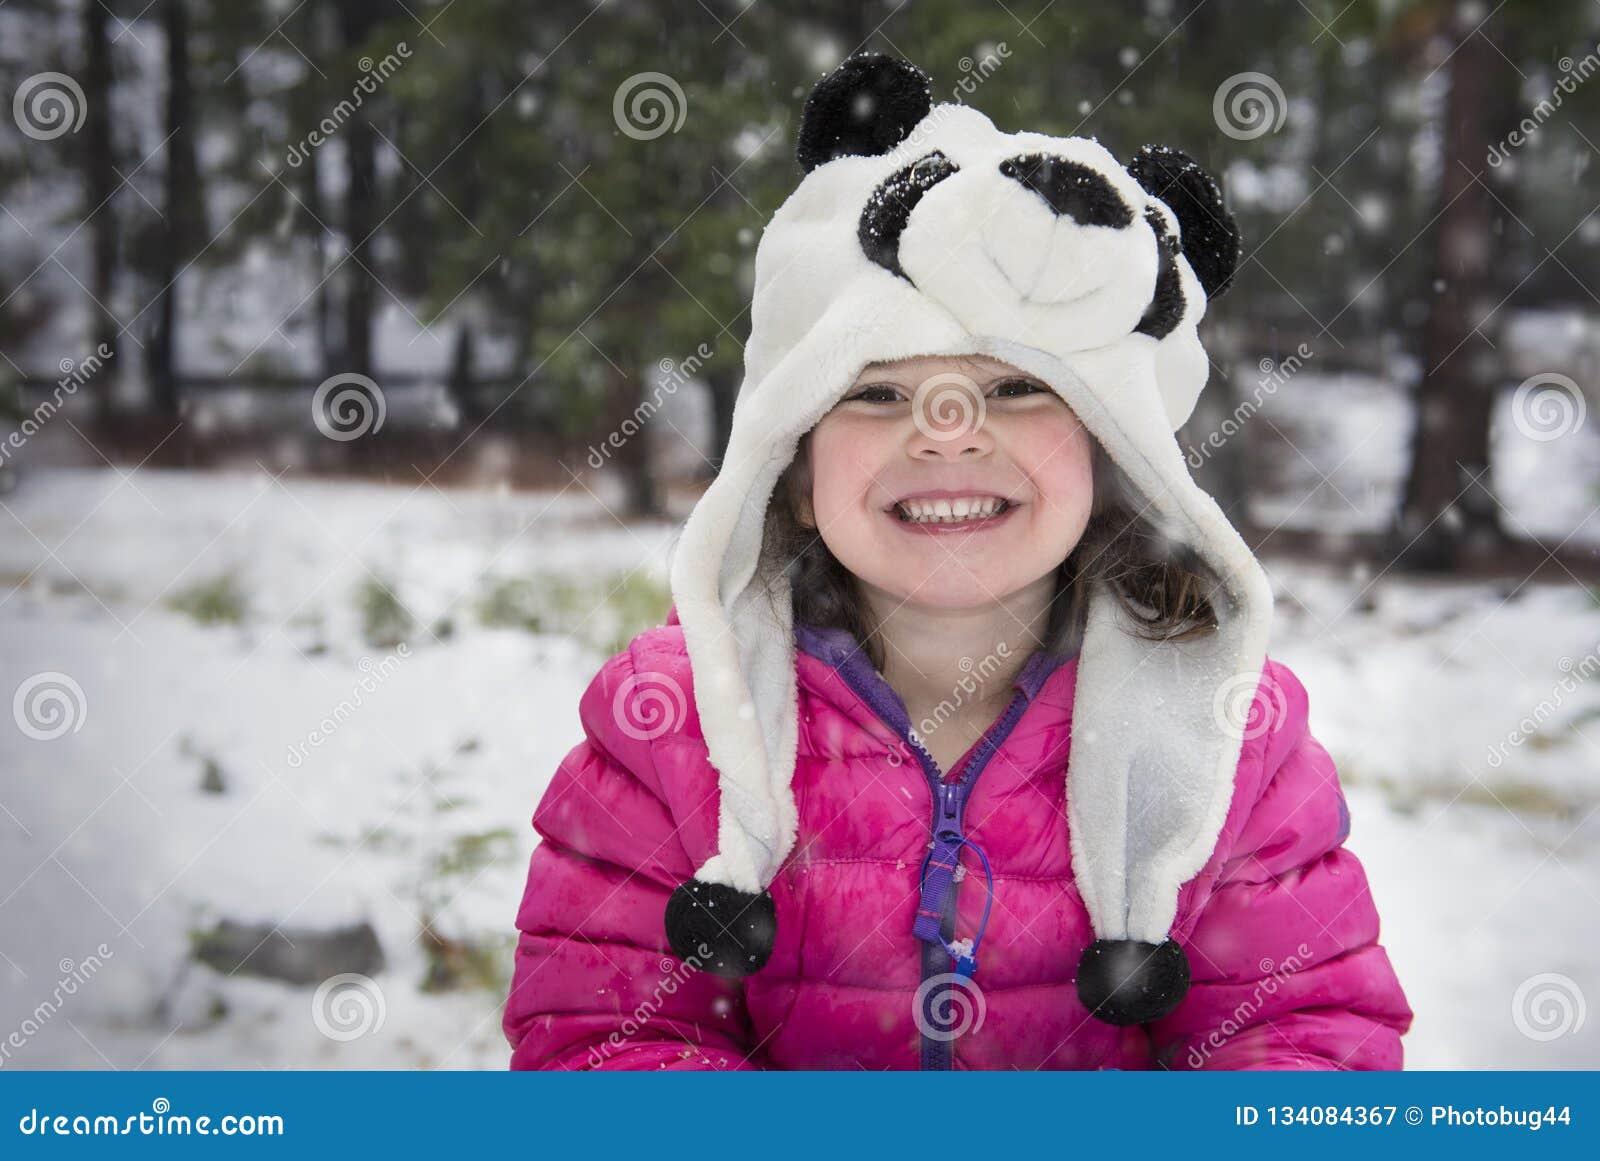 Счастливая маленькая девочка в розовой куртке снега